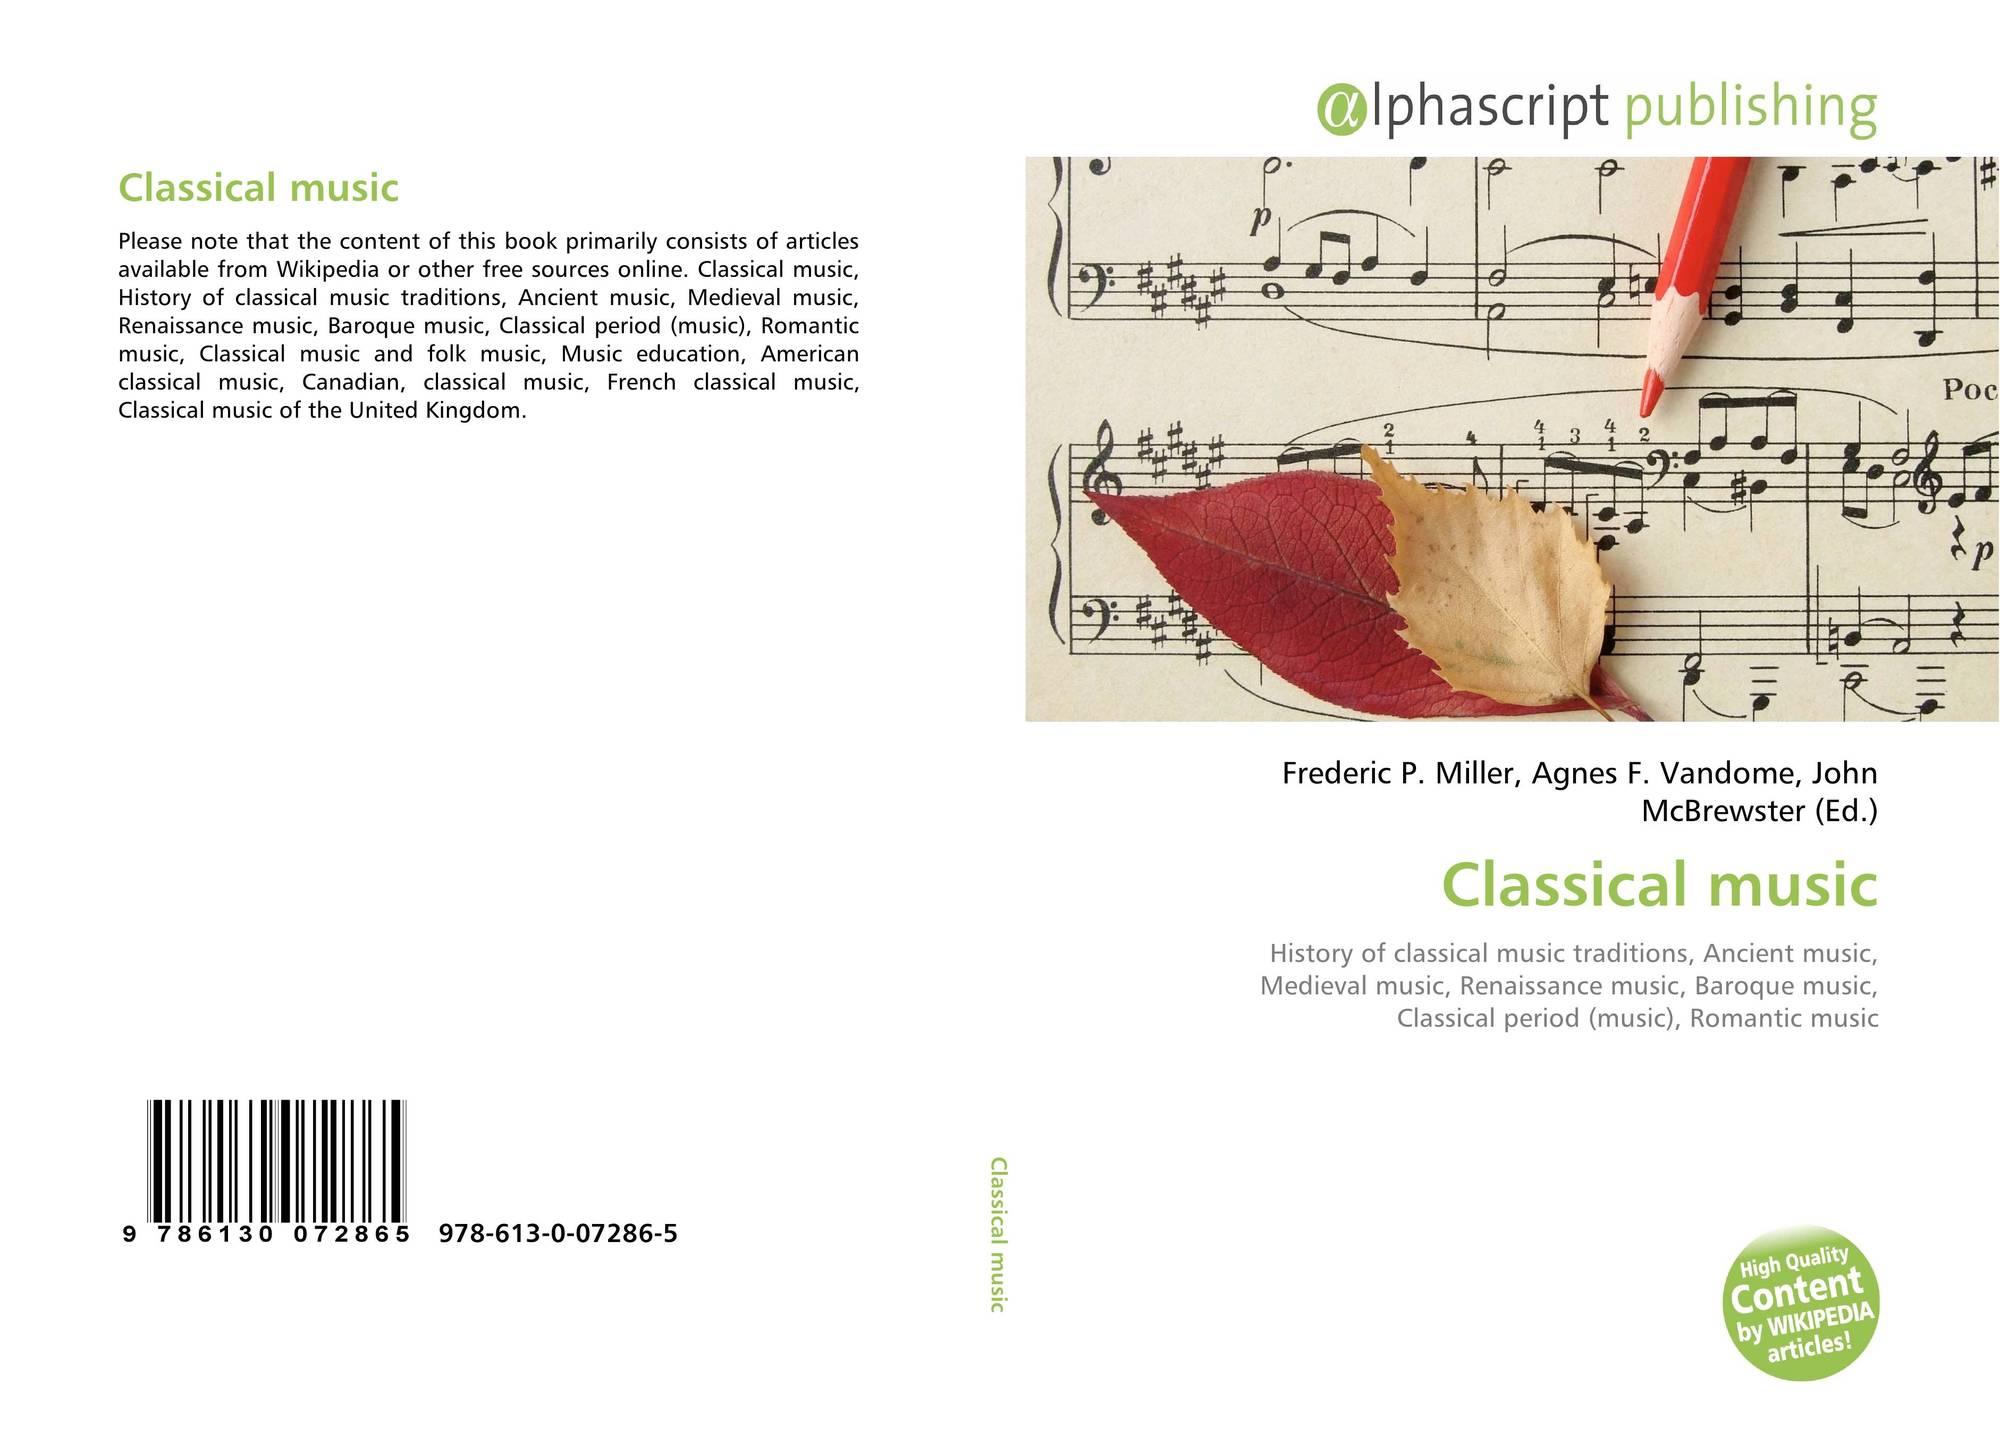 Classical music, 978-613-0-07286-5, 6130072864 ,9786130072865